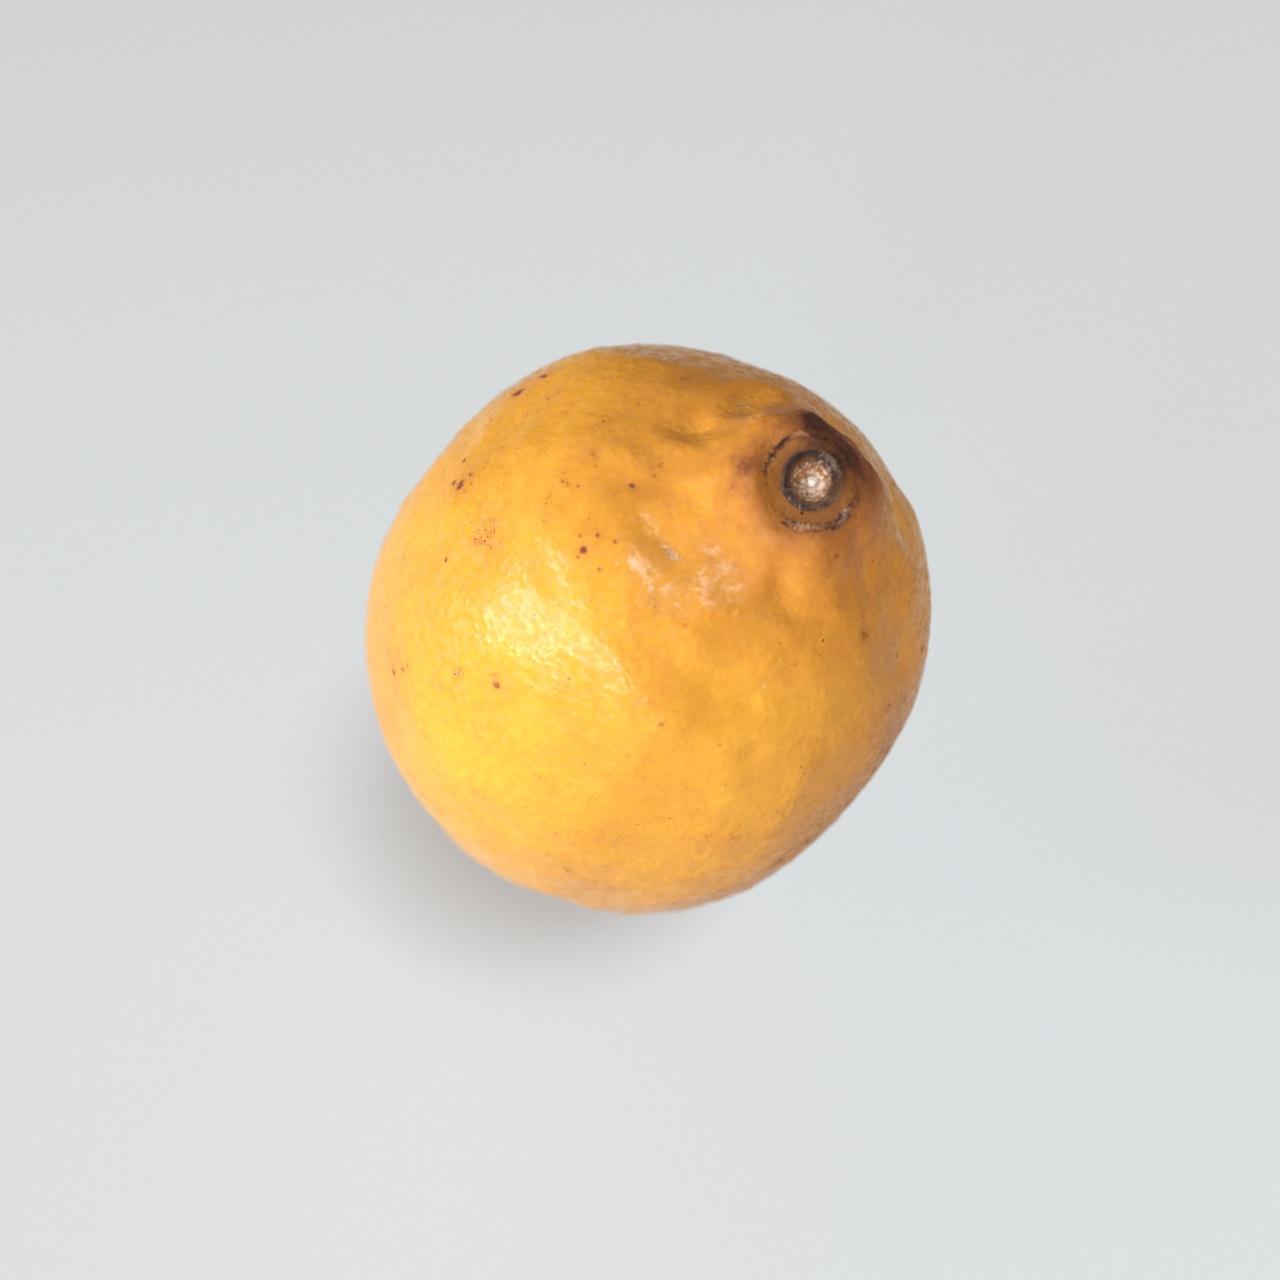 Zitrone Gelb 3D Rendering Eder Stefan Oberösterreich